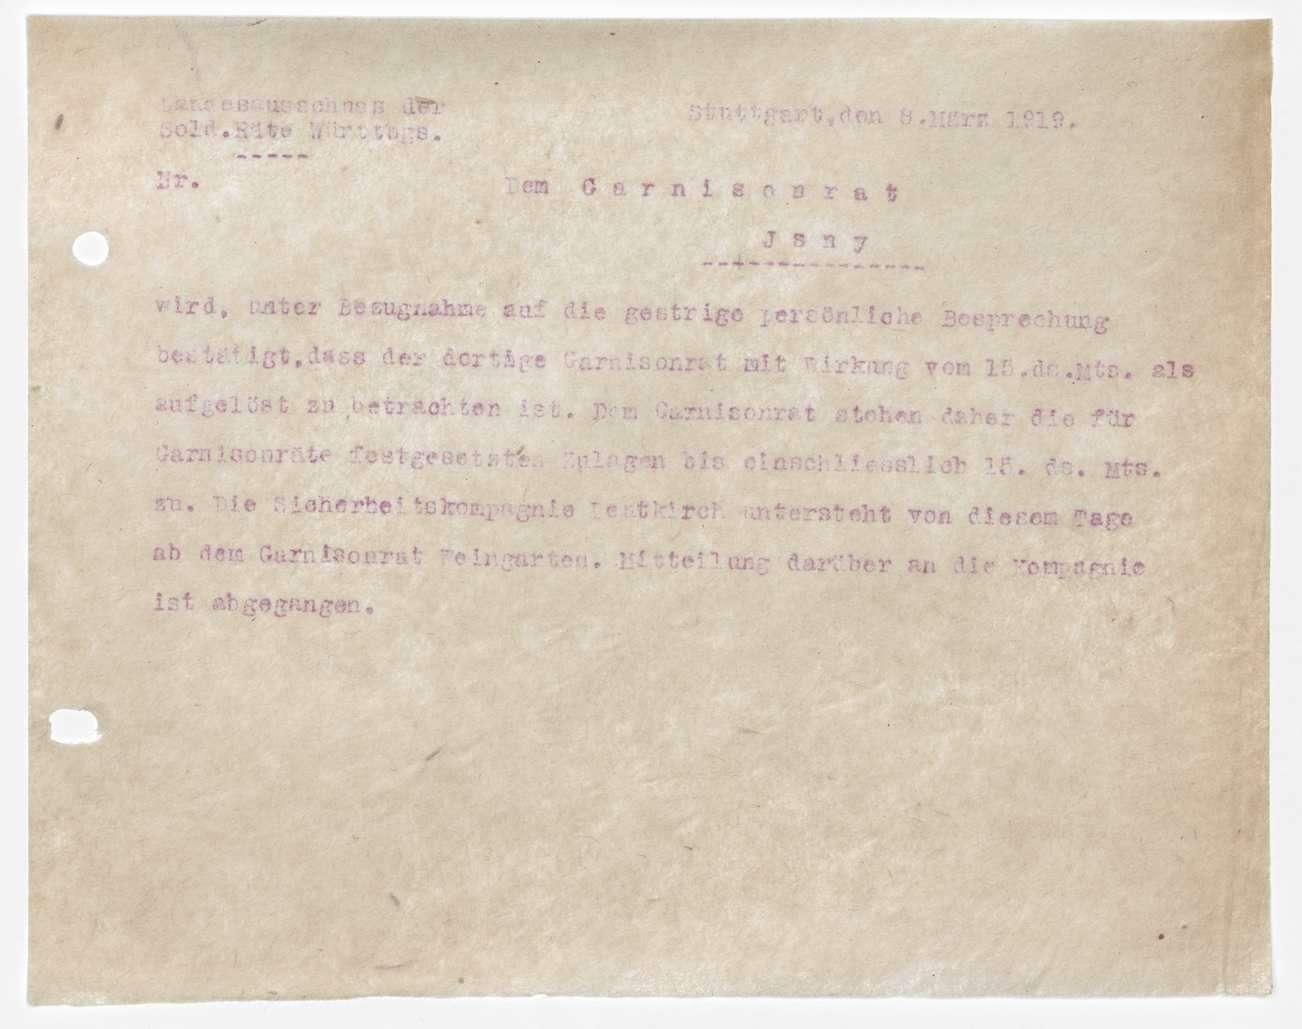 Garnisonsrat Isny: Organisation, Aufhebung, Bild 3